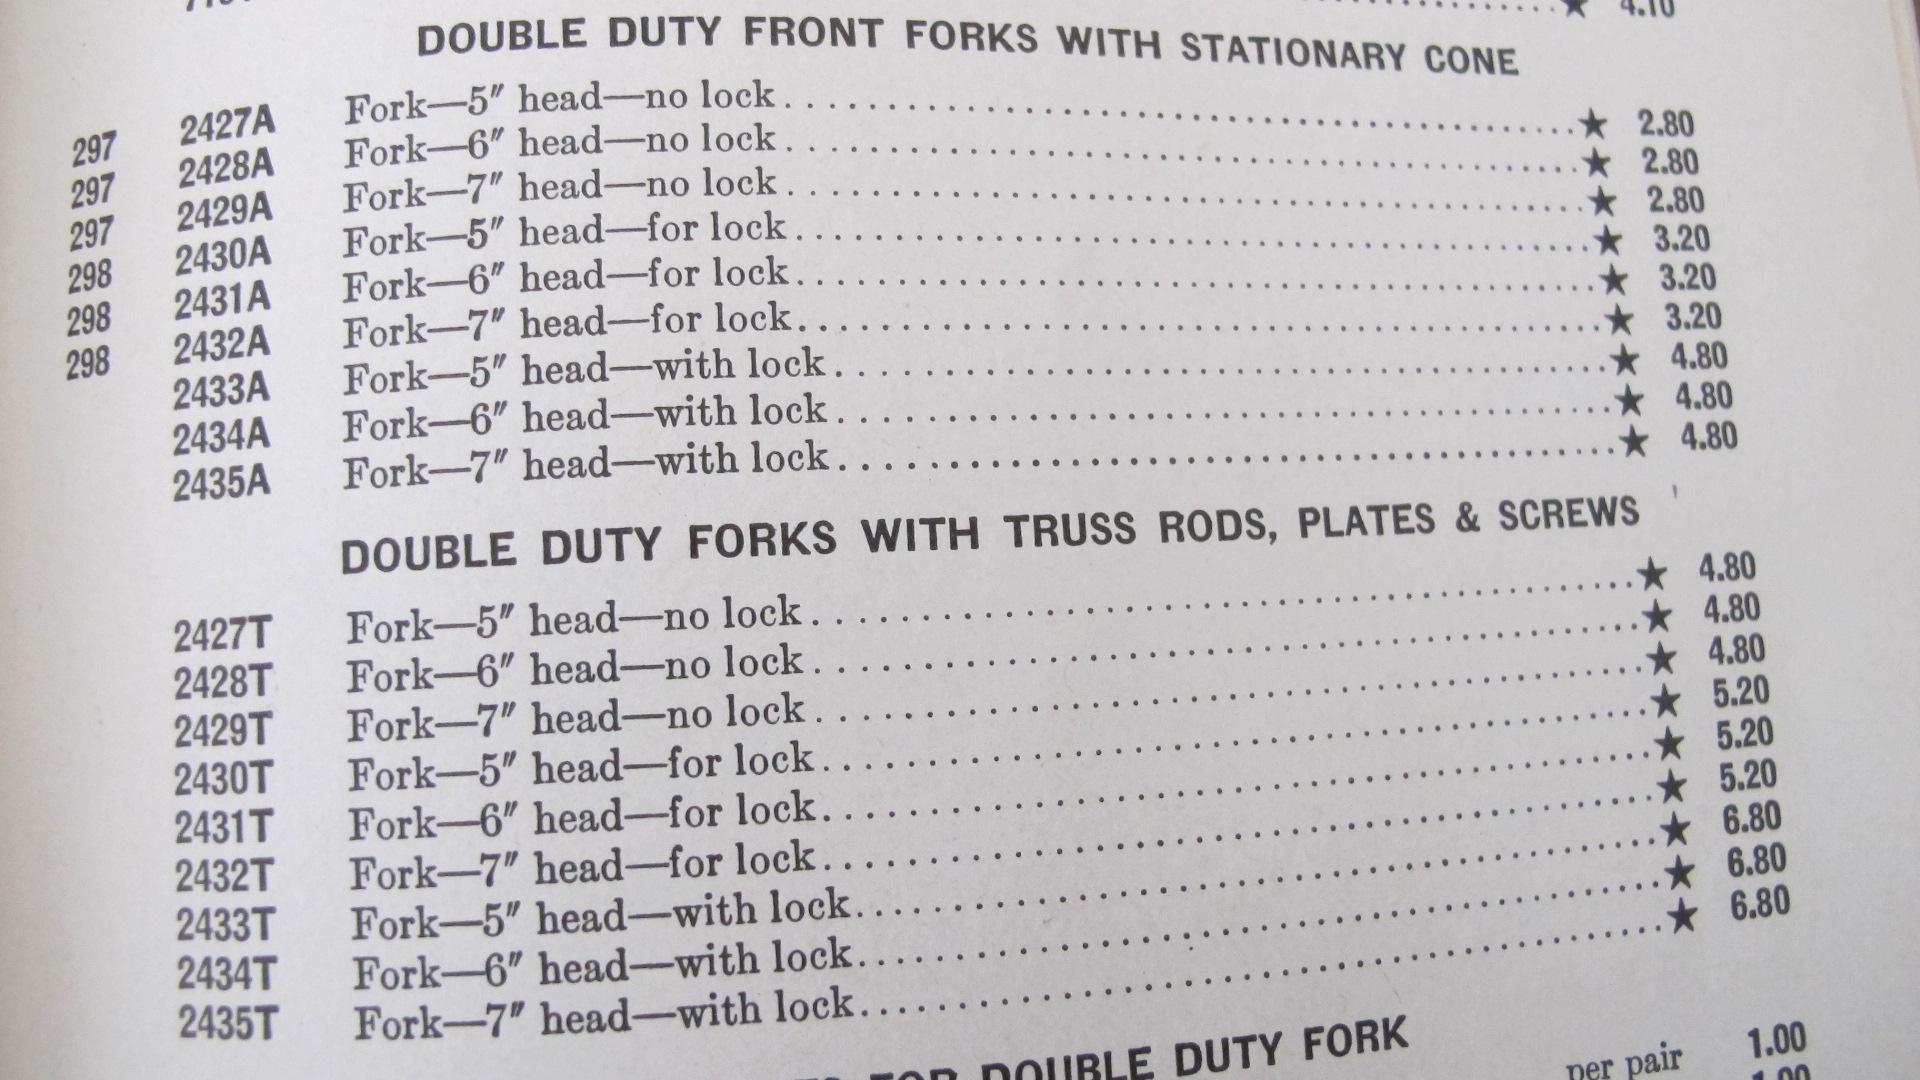 double duty fork # 1 003.JPG